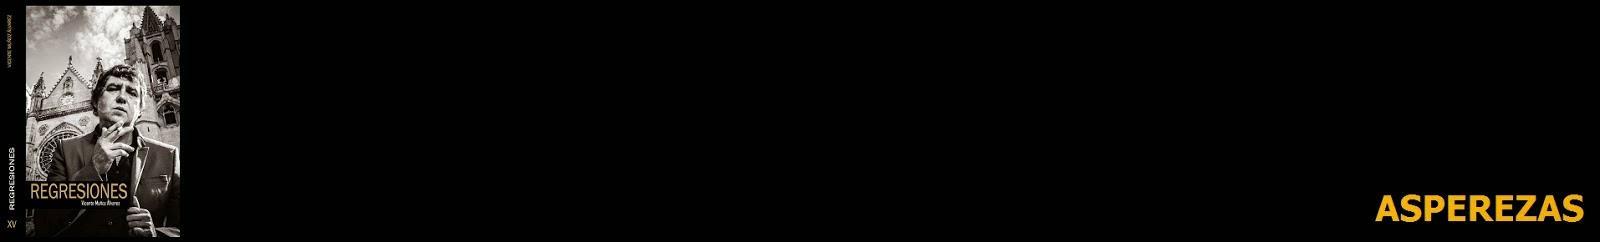 asperezas